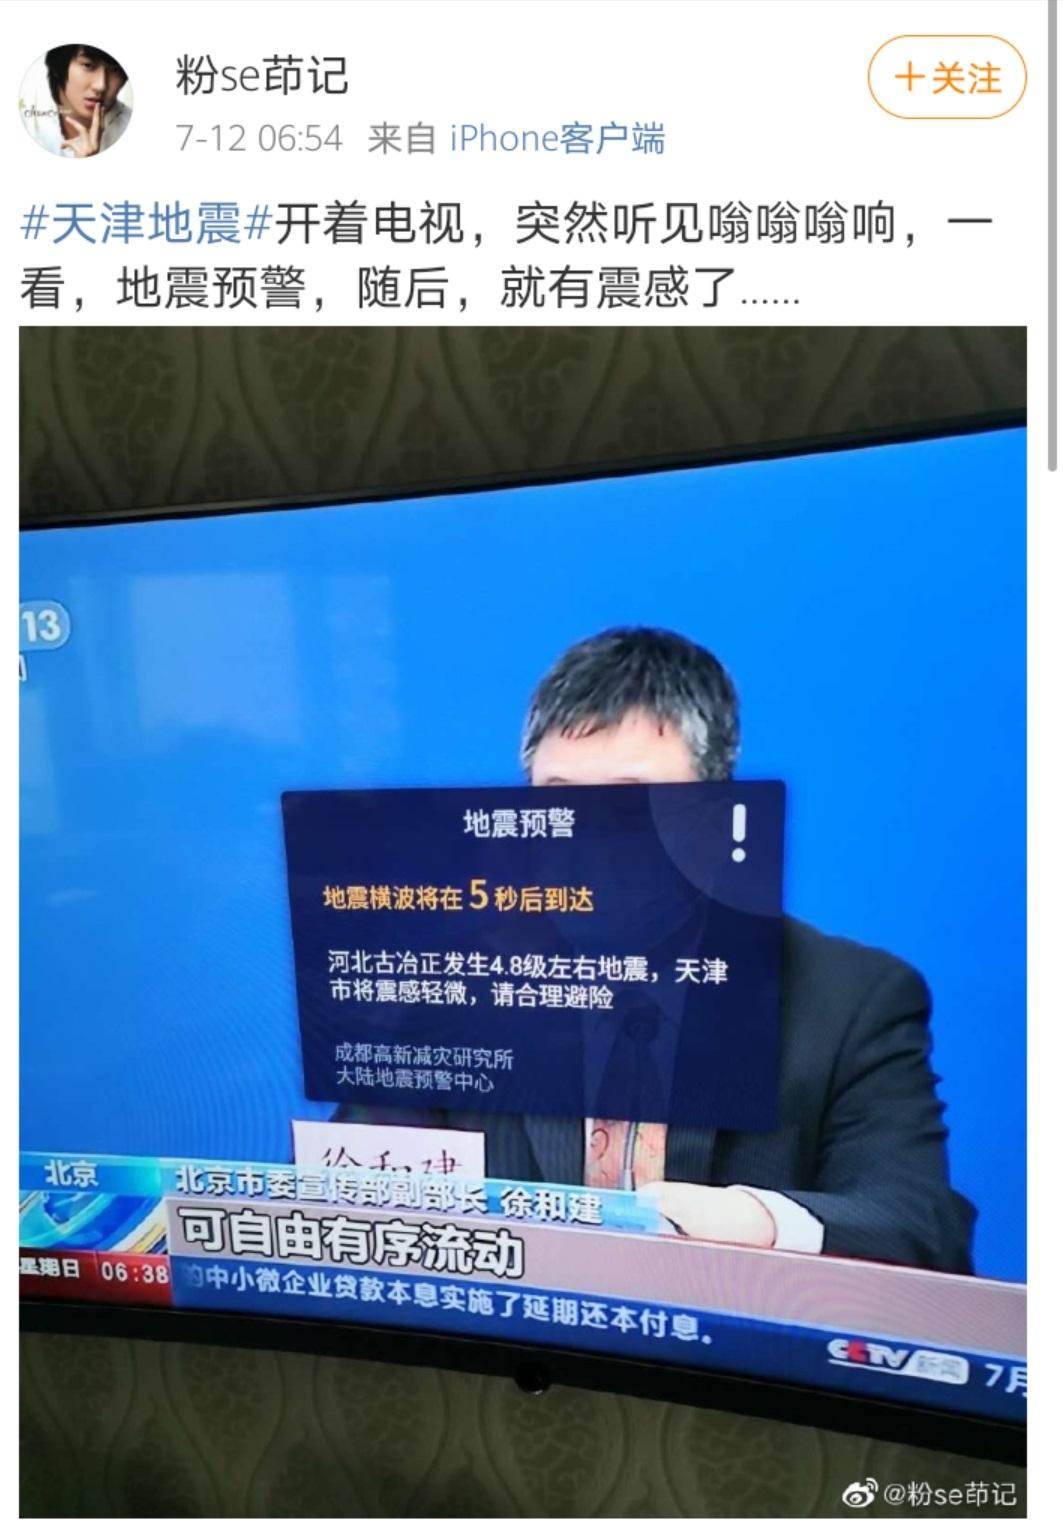 【亚洲天堂 报价】_唐山5.1级地震前,电视里弹出了预警信息